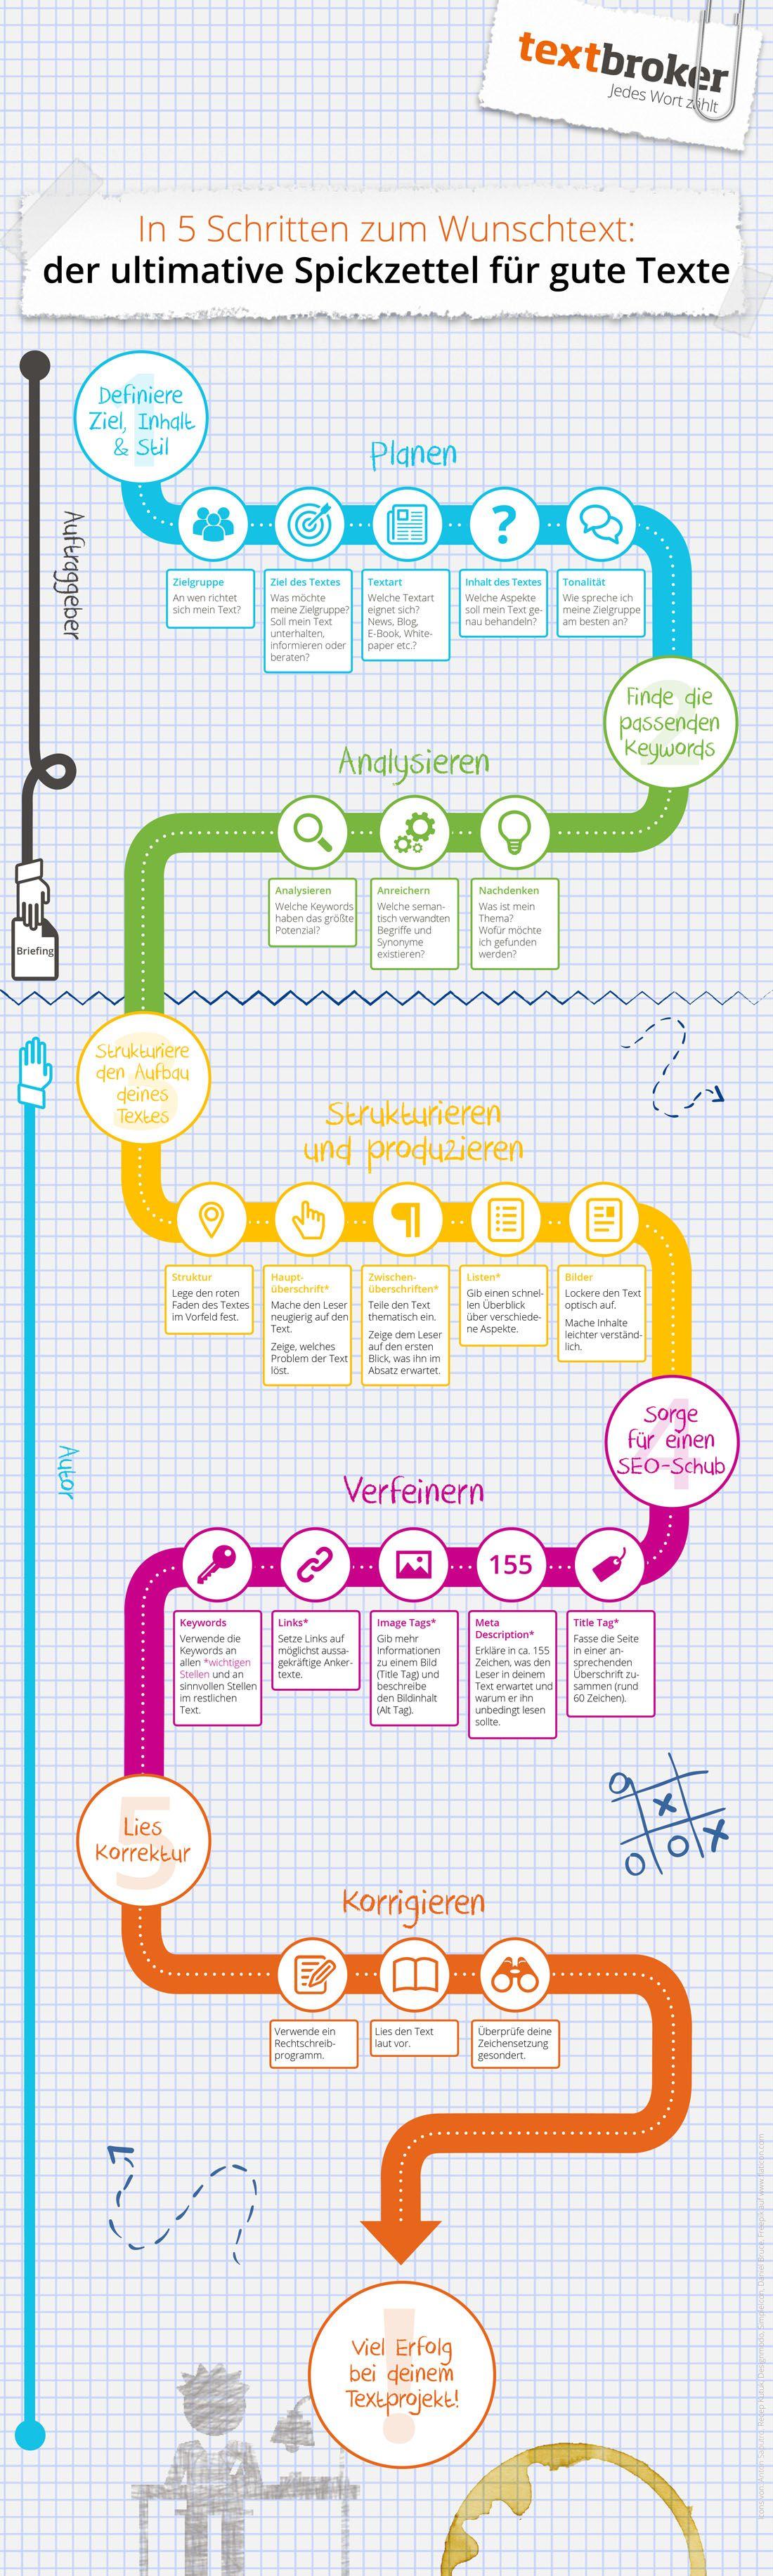 Spickzettel-Infografik zur Erstellung guter Texte | Schule ...